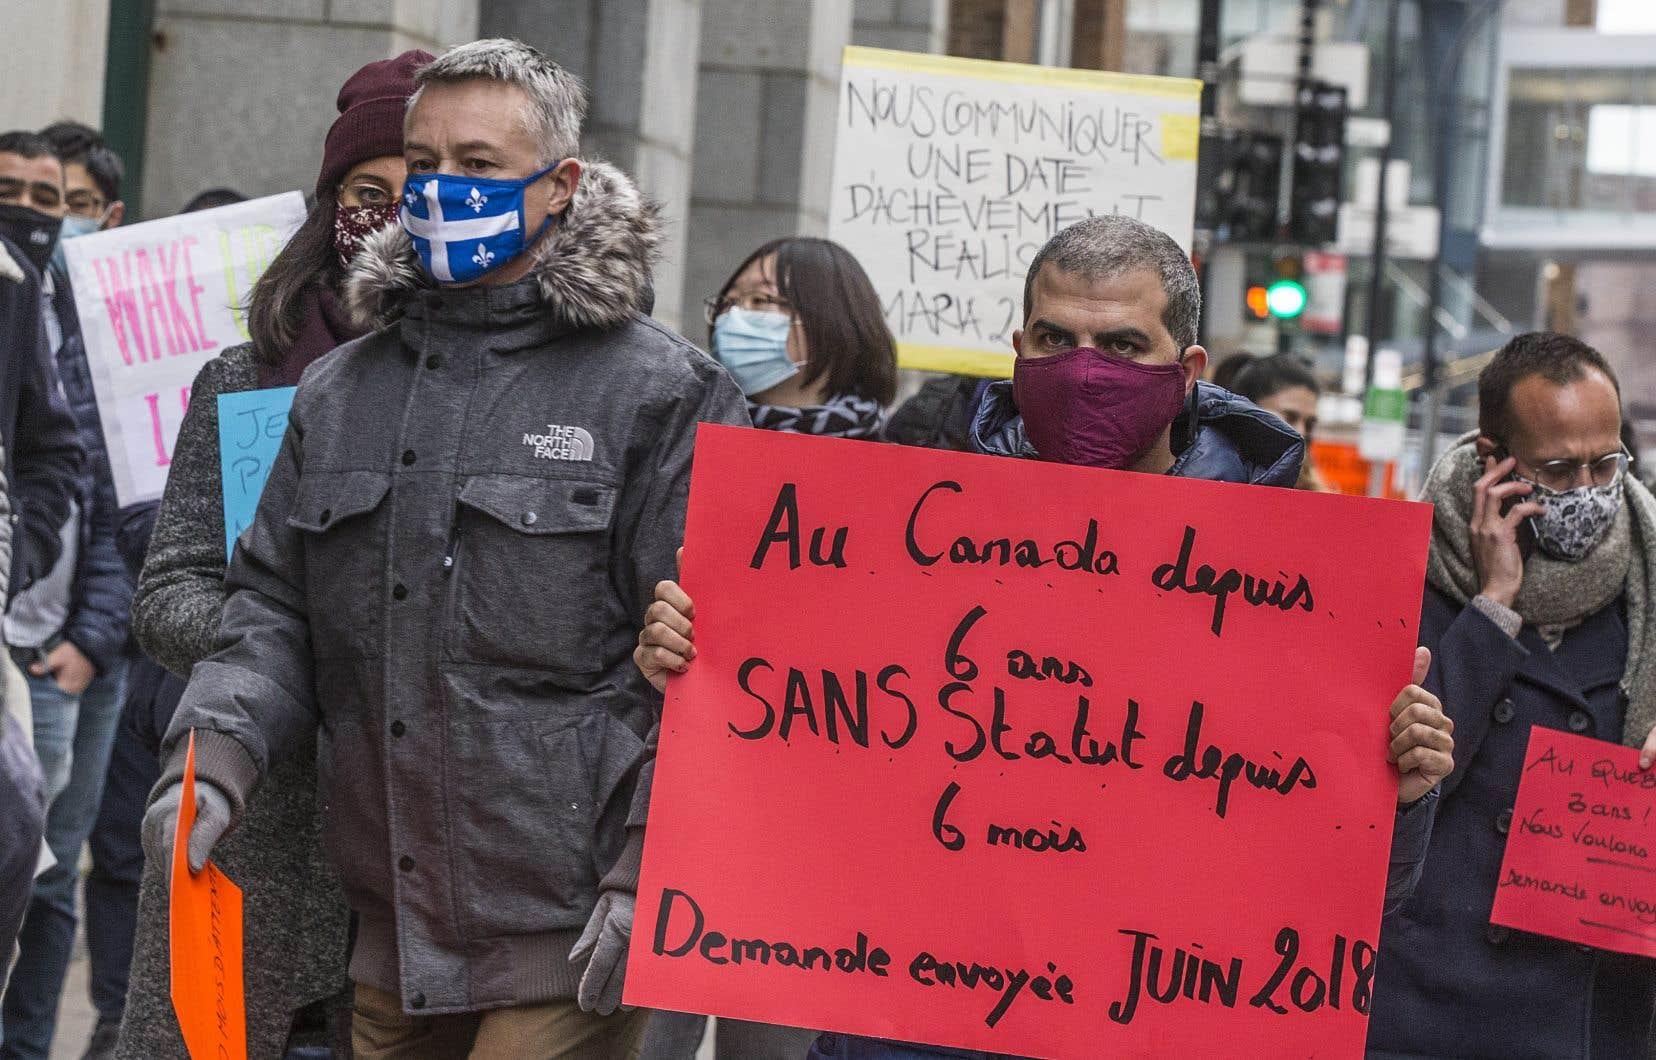 «En 2019, l'année où le gouvernement du Québec a baissé le nombre d'admissions de 20% pour l'établir à 40 000, il y avait près de 160 000 personnes avec un permis temporaire au Québec au 31 décembre, excluant les personnes ayant fait une demande d'asile», écrit l'autrice.